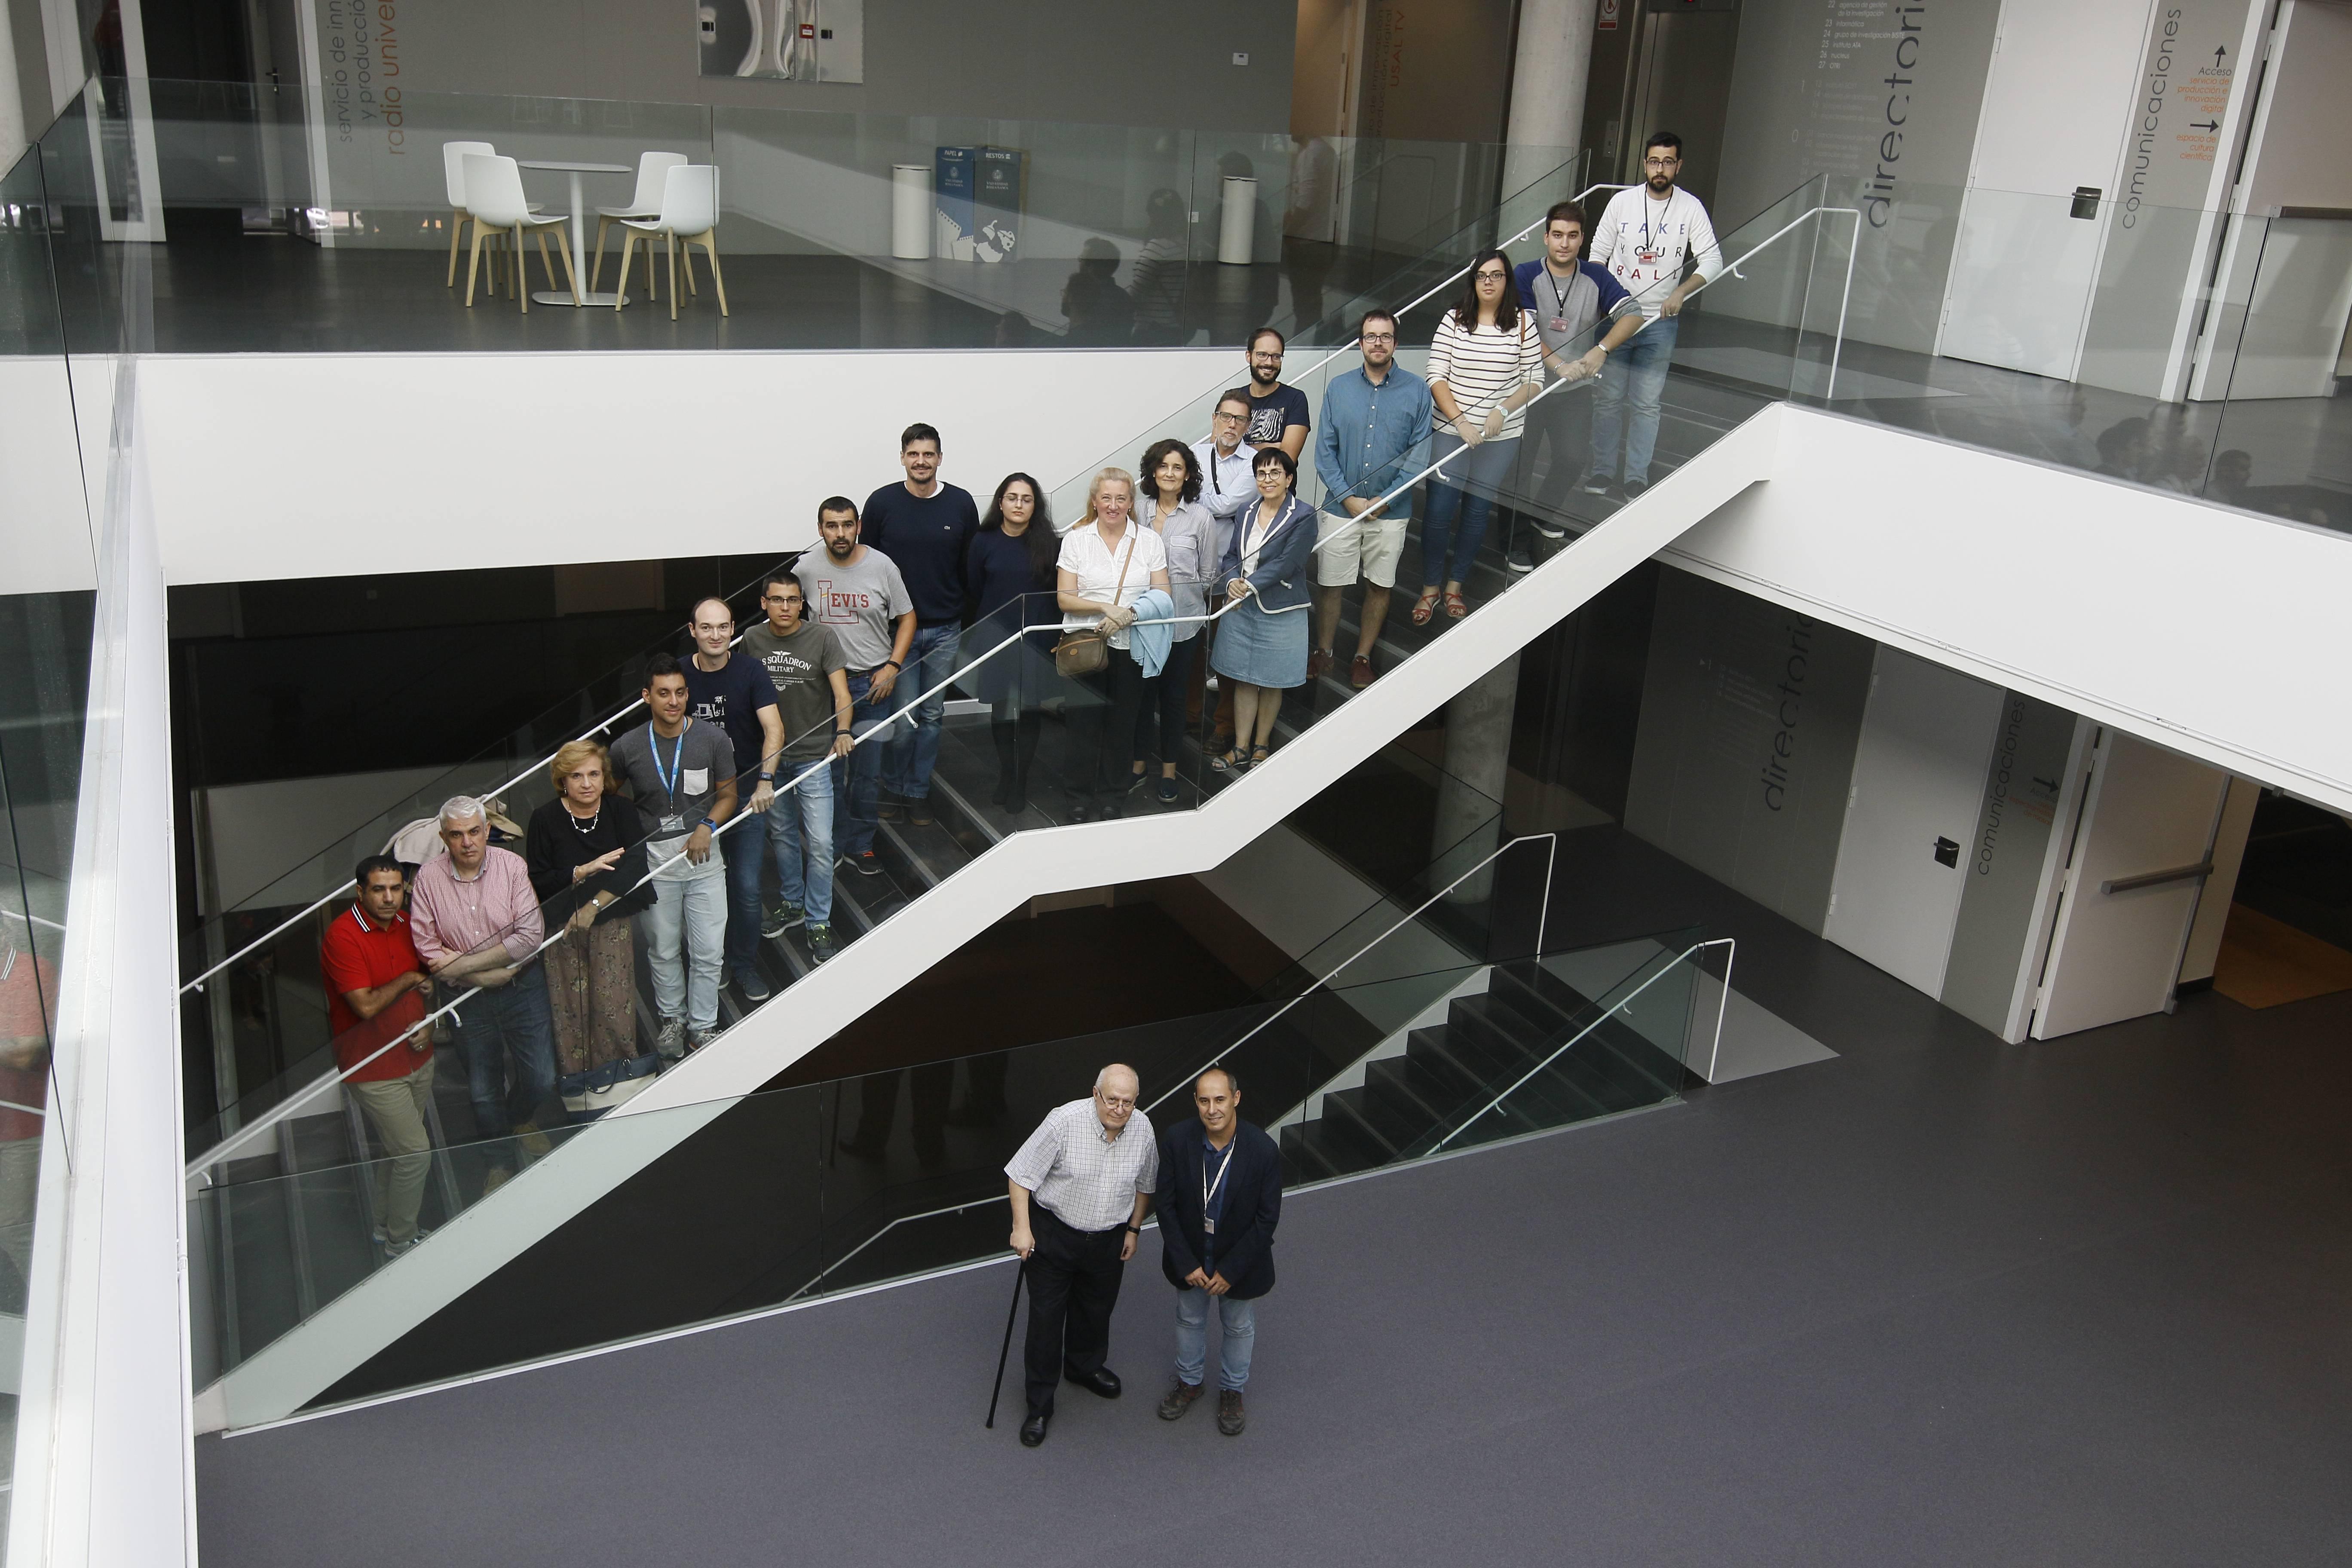 Edificio De Idi Reportaje Muy Salmantino De Investigacion Enrique Diez Fernandez